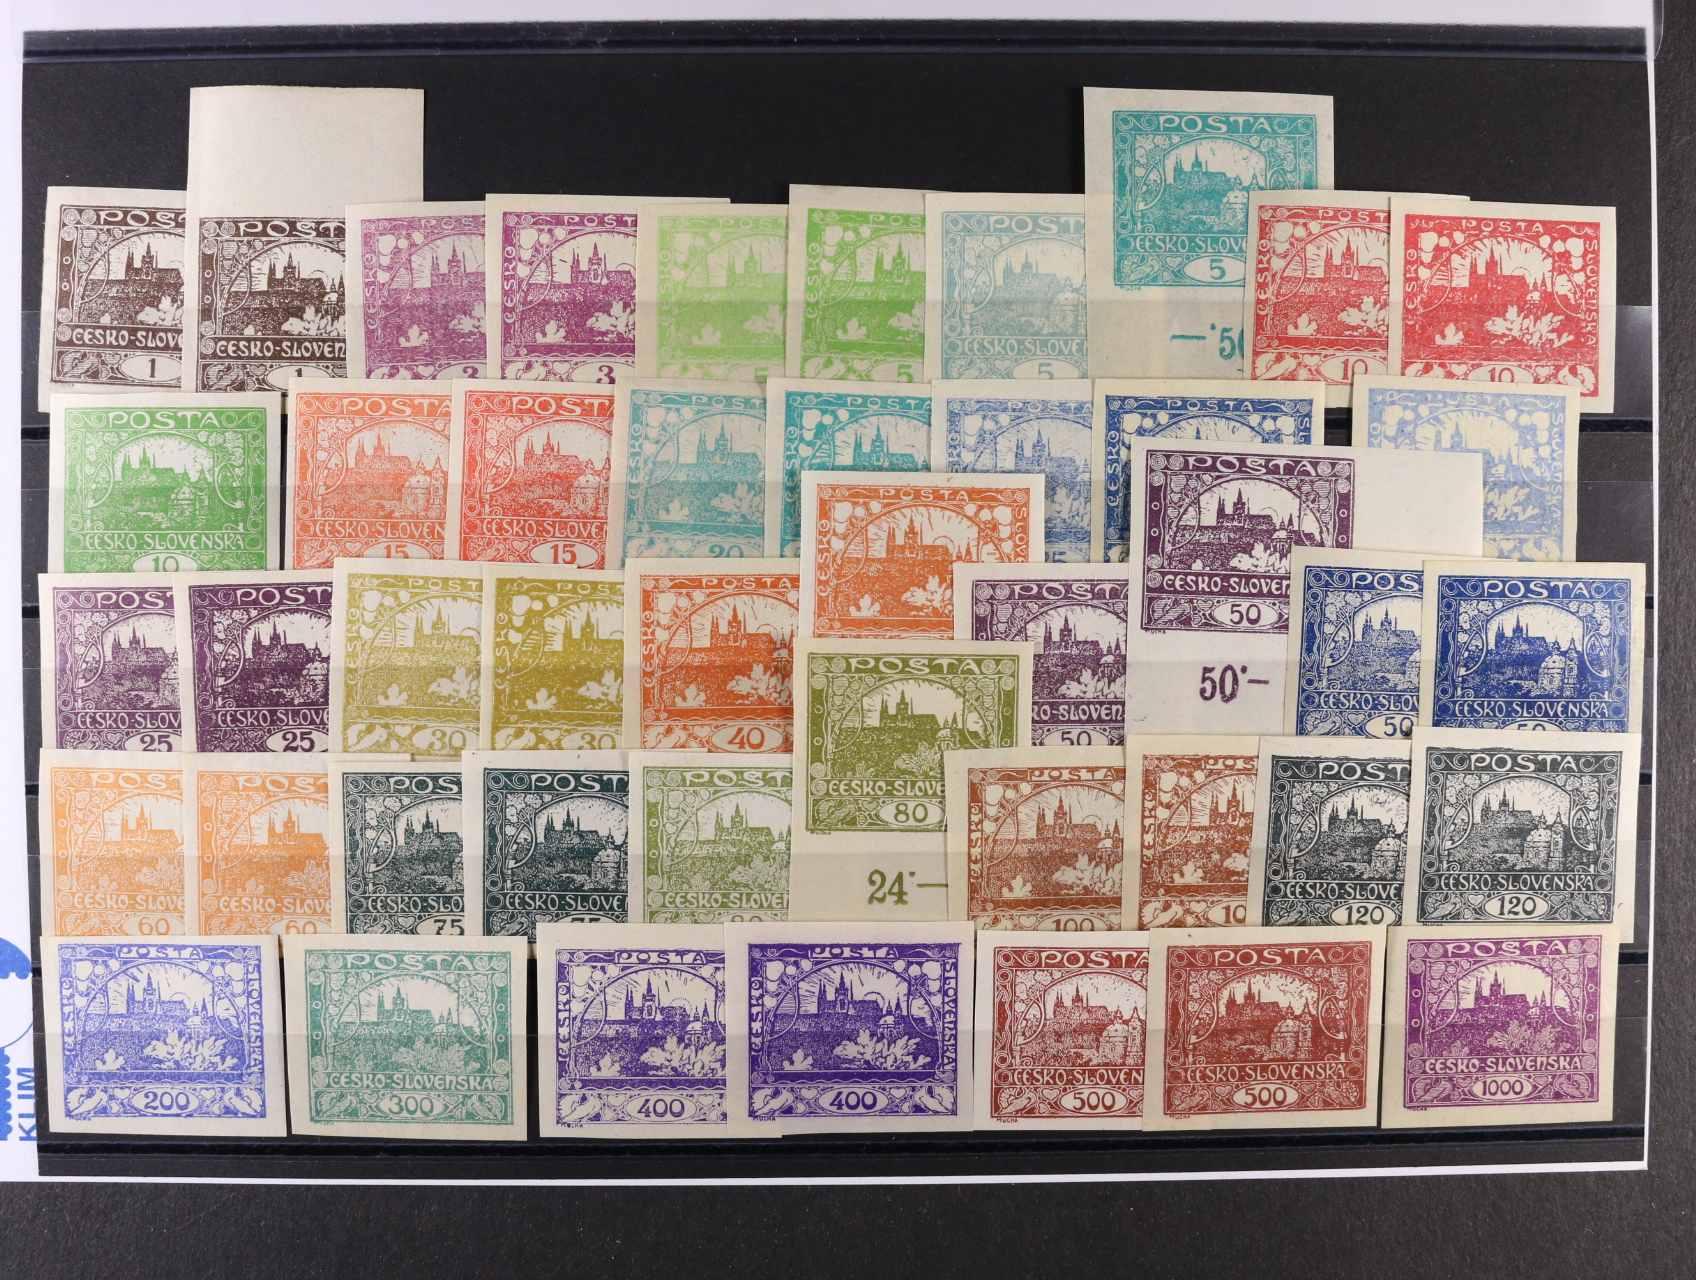 zn. č. 1 - 26, sestava 45 ks, různé odstíny barev vč. zn. č. 5a, 6, 10c, 23a, kat. cena 3900 Kč